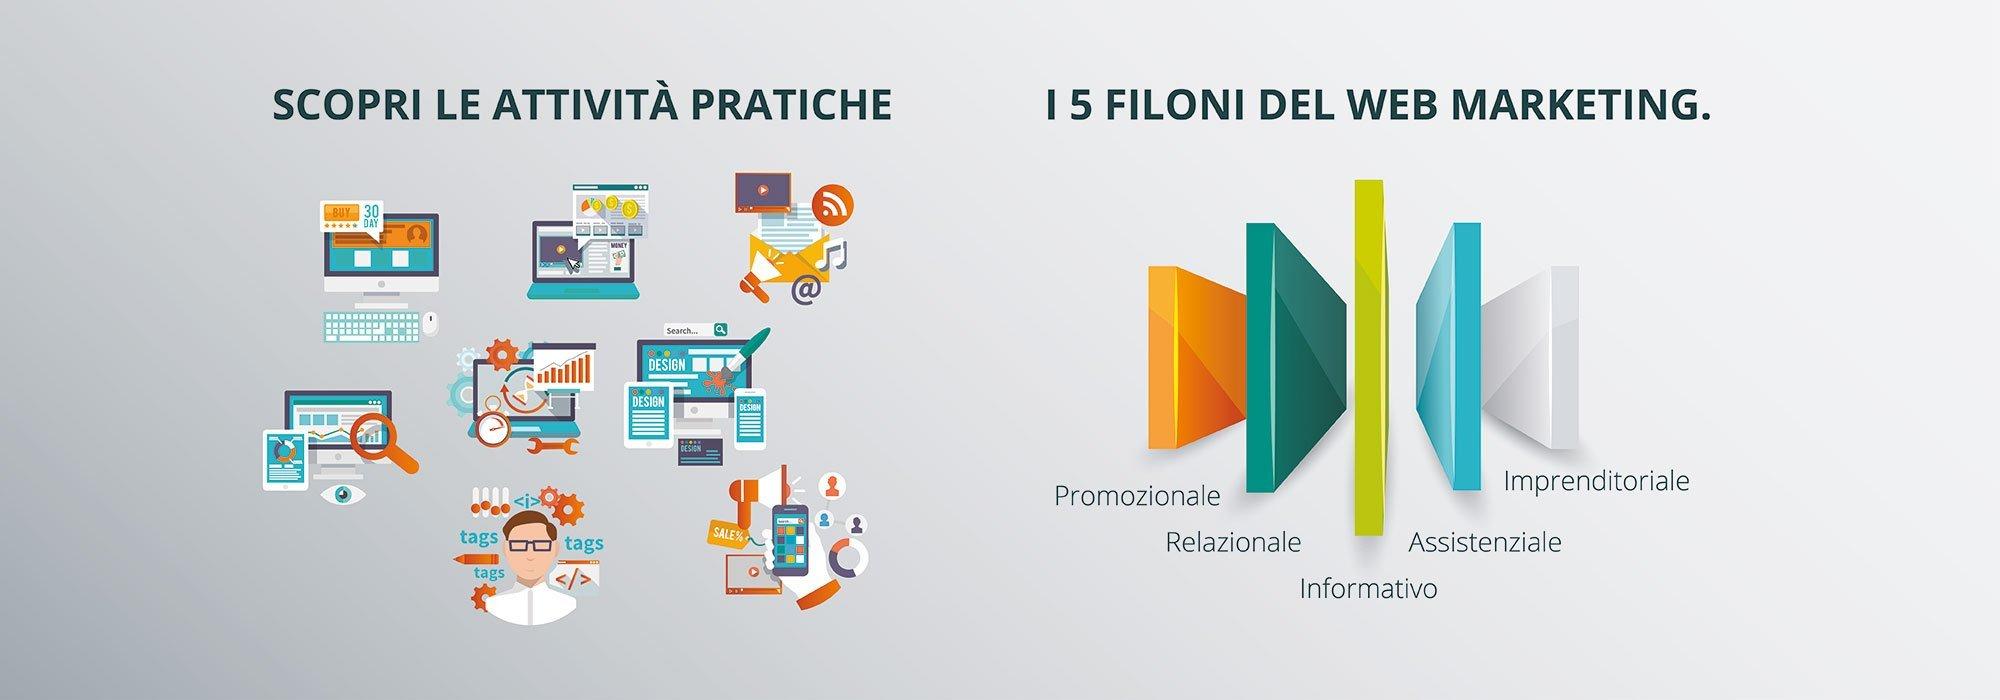 Promuovere il brand attraverso le azioni di web marketing.